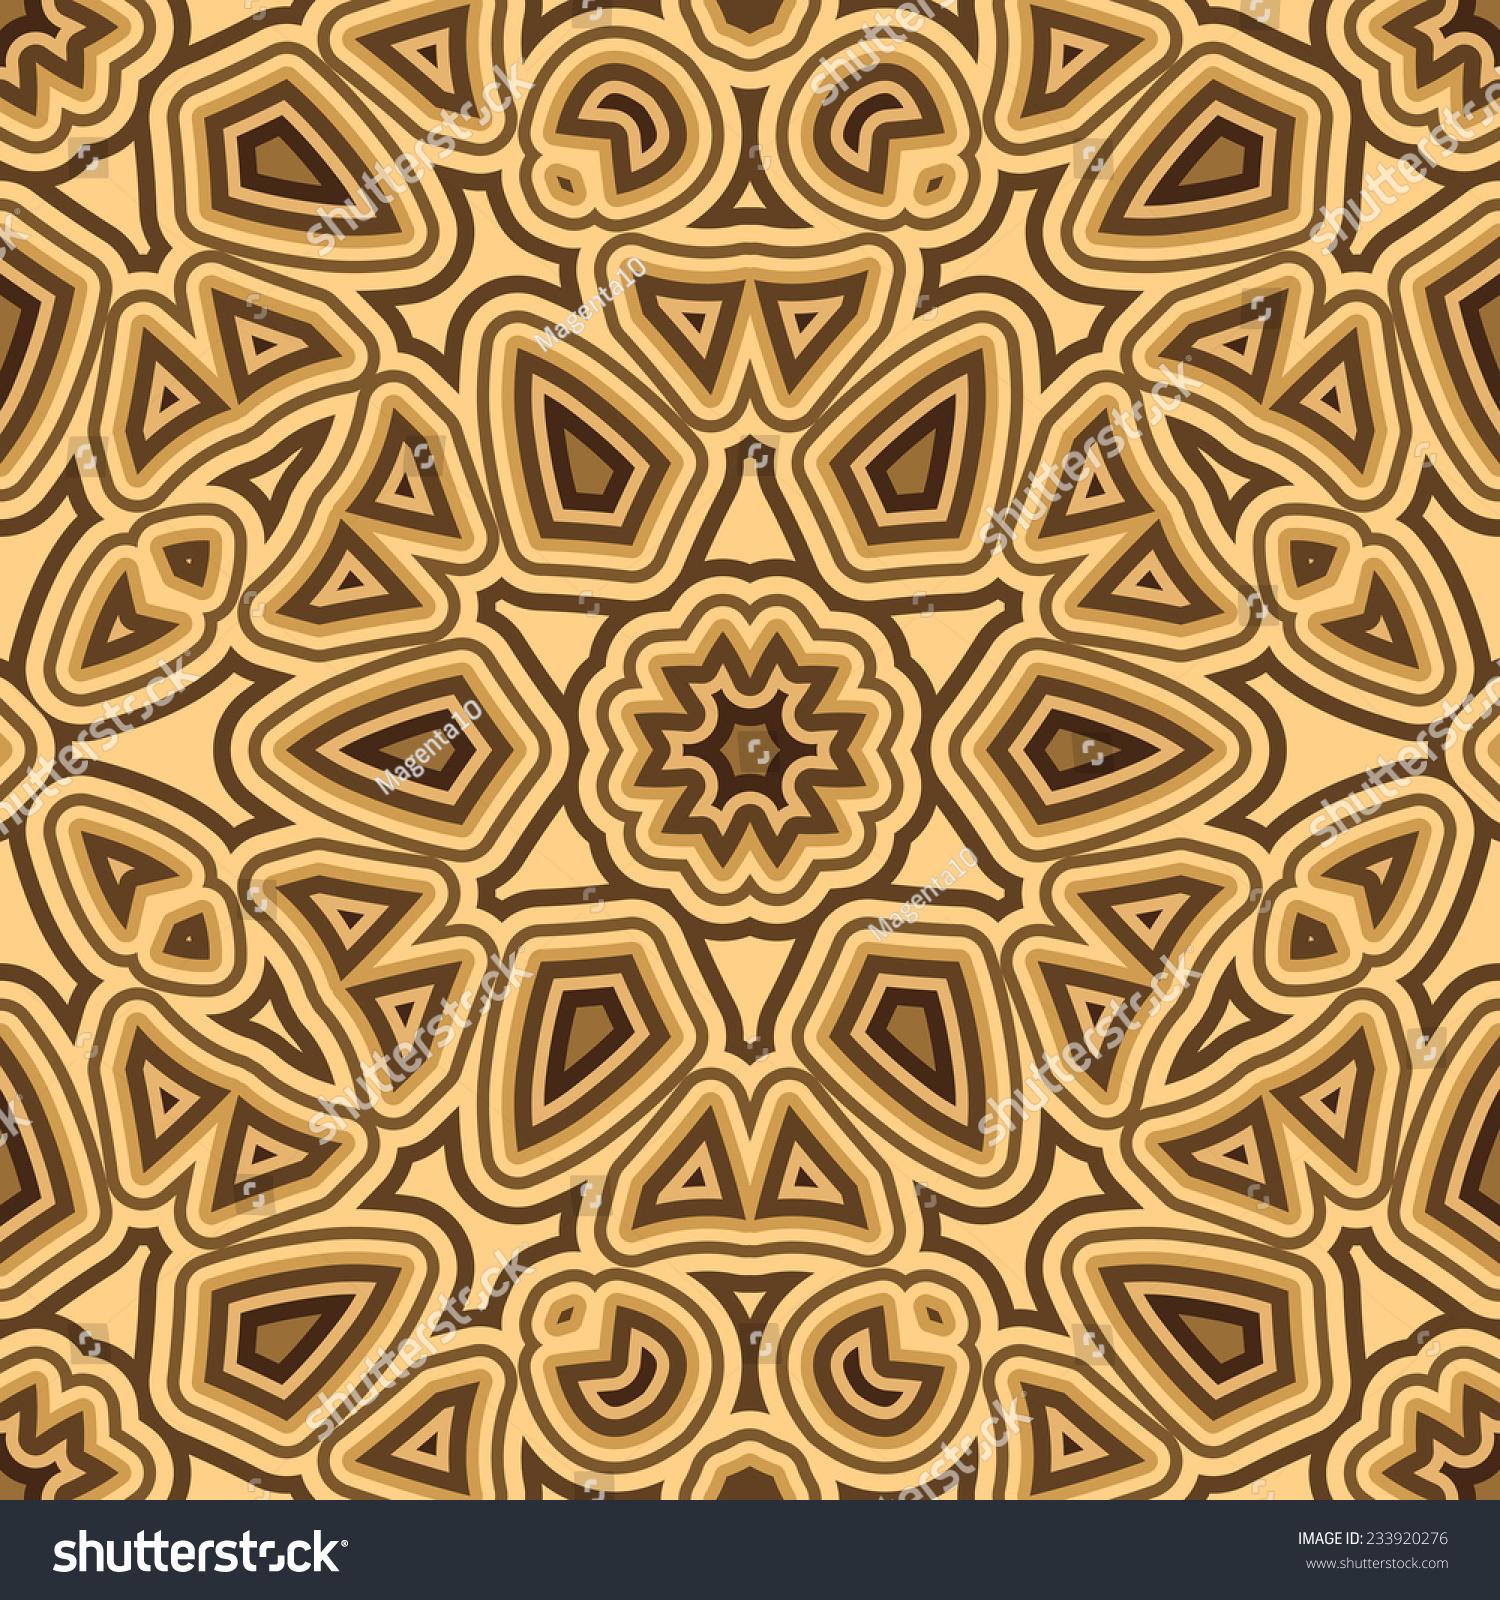 摘要龟壳装饰,矢量无缝模式-背景/素材,艺术-海洛创意